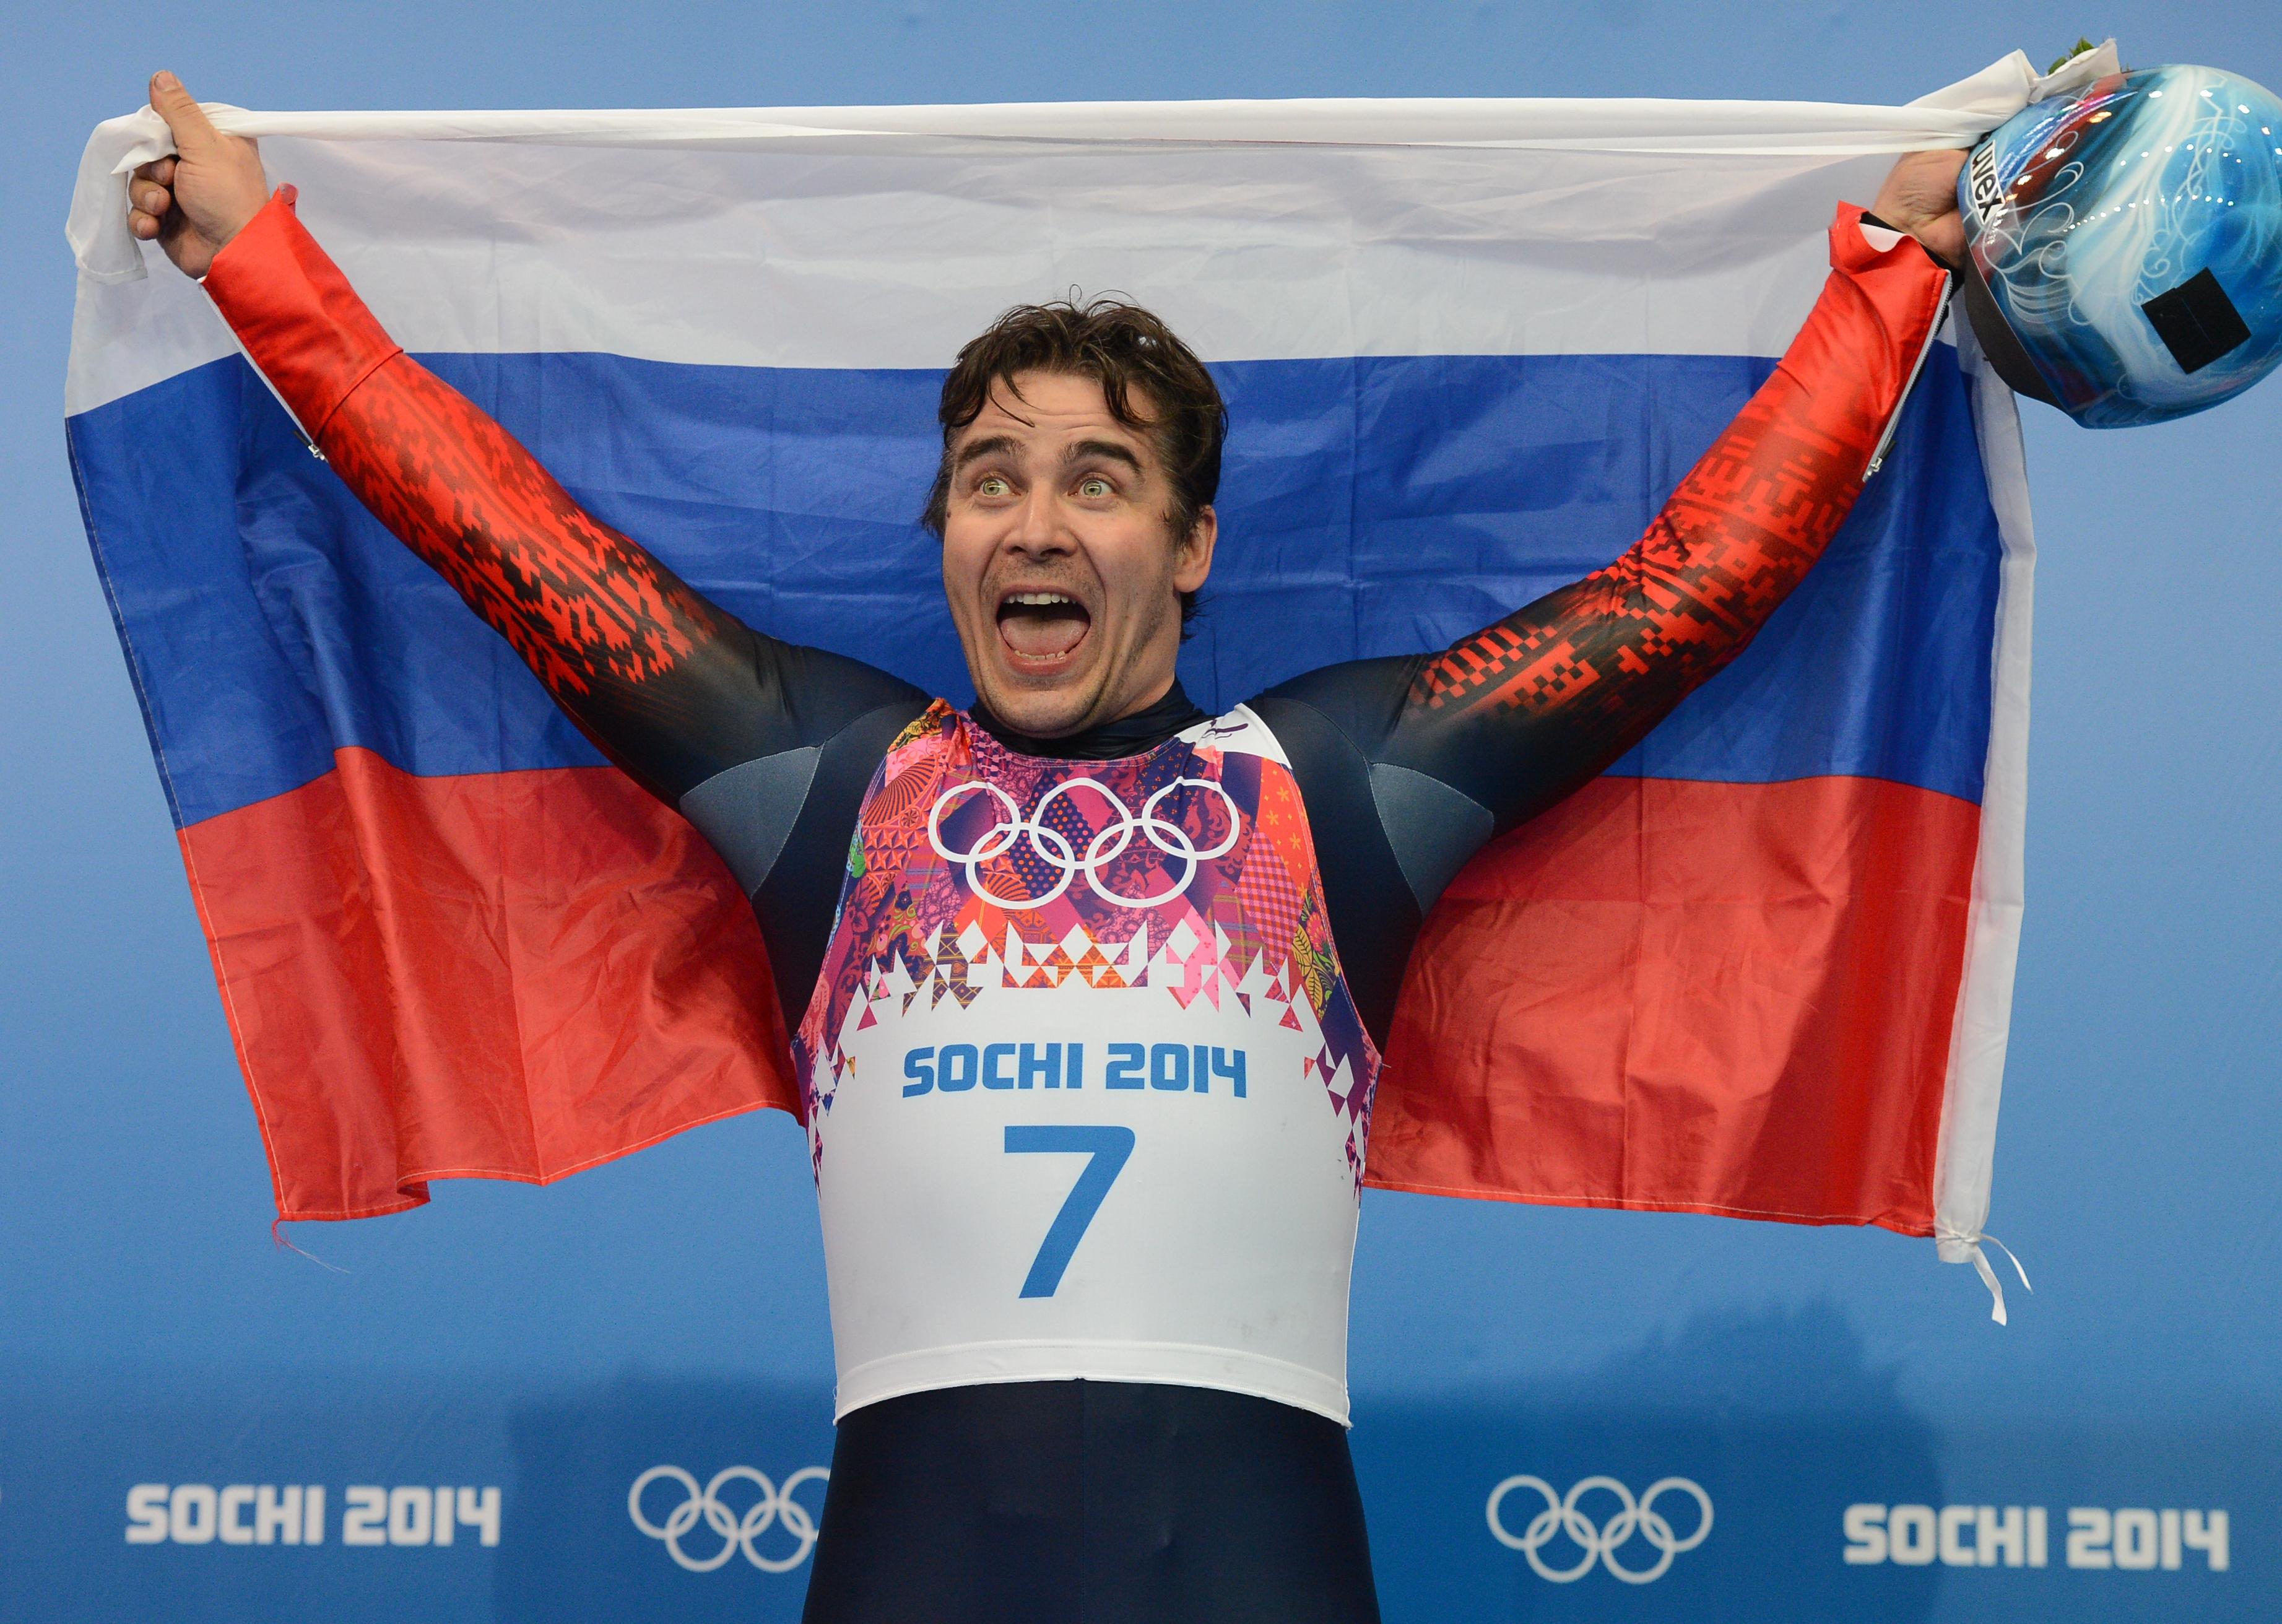 Альберт Демченко завоевавший серебряную медаль на соревнованиях по санному спорту среди мужчин